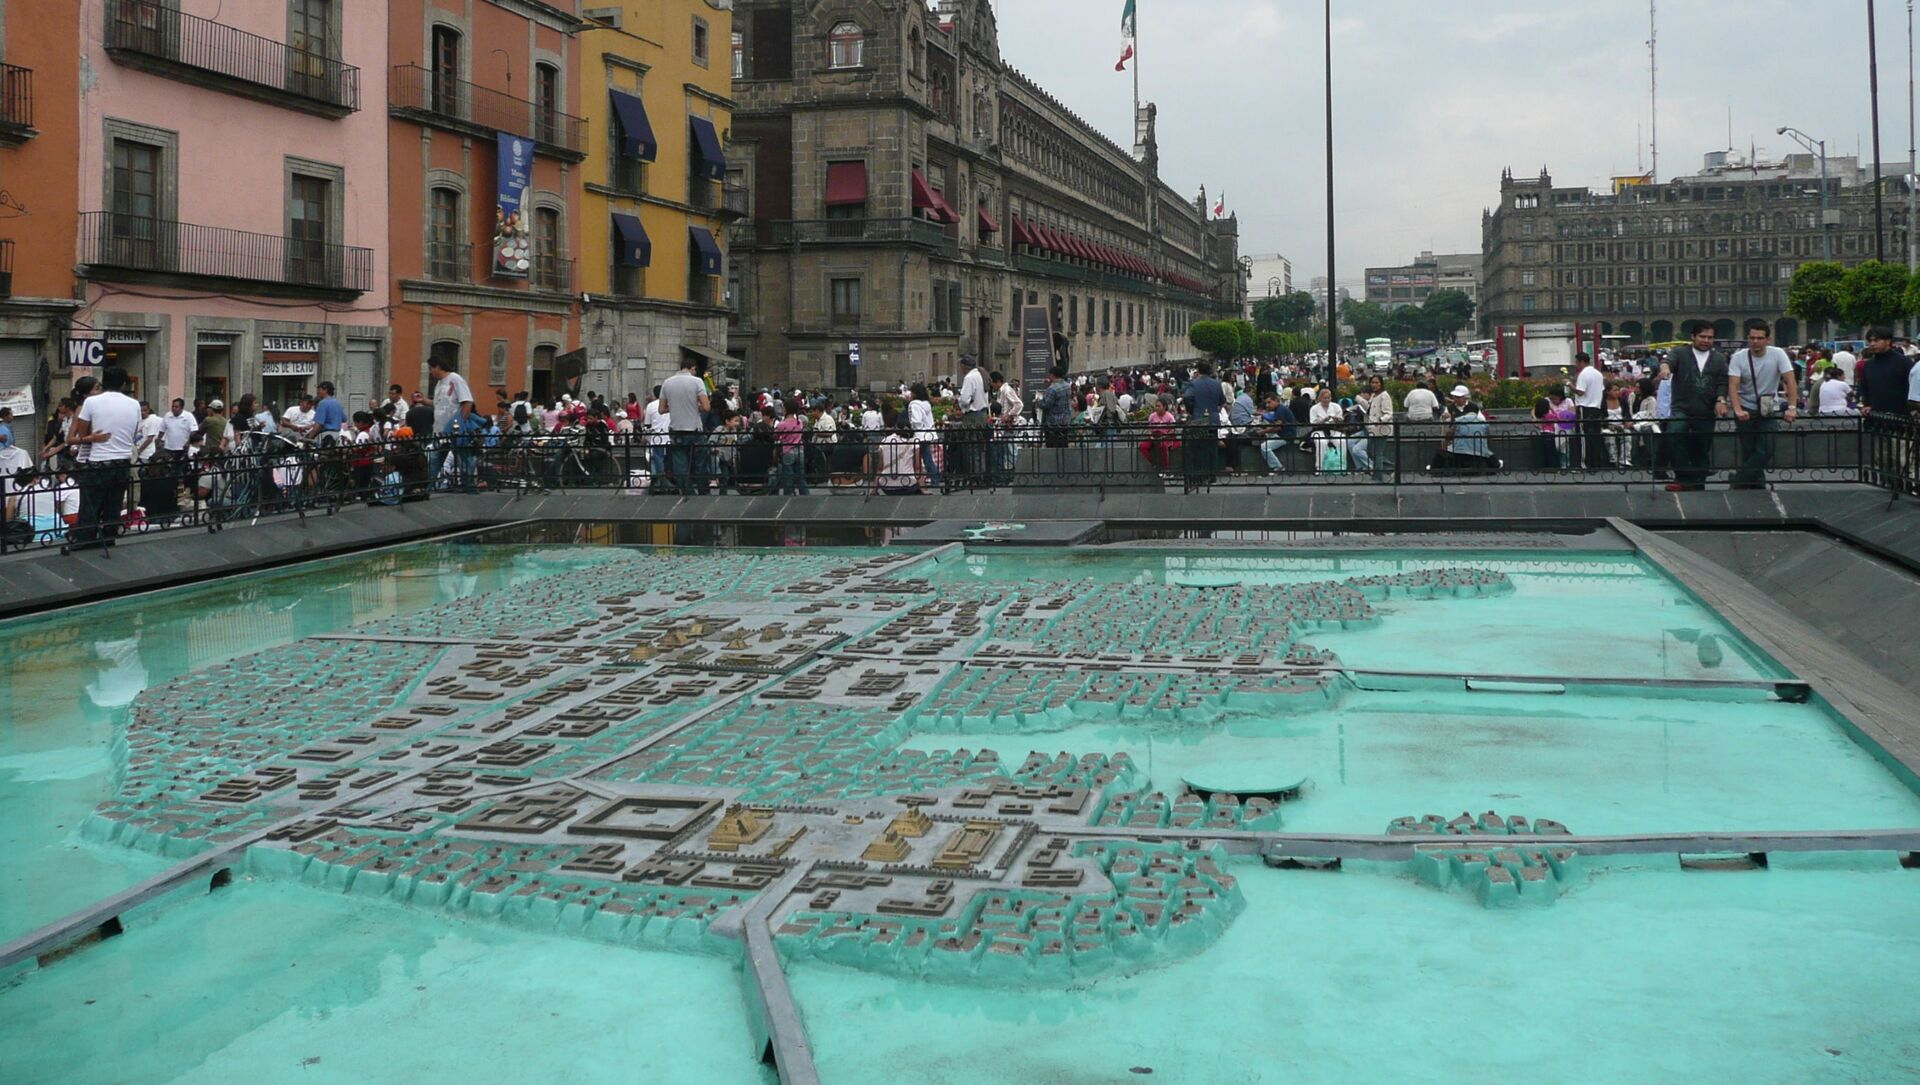 El modelo de Tenochtitlan en la Ciudad de México - Sputnik Mundo, 1920, 13.08.2020